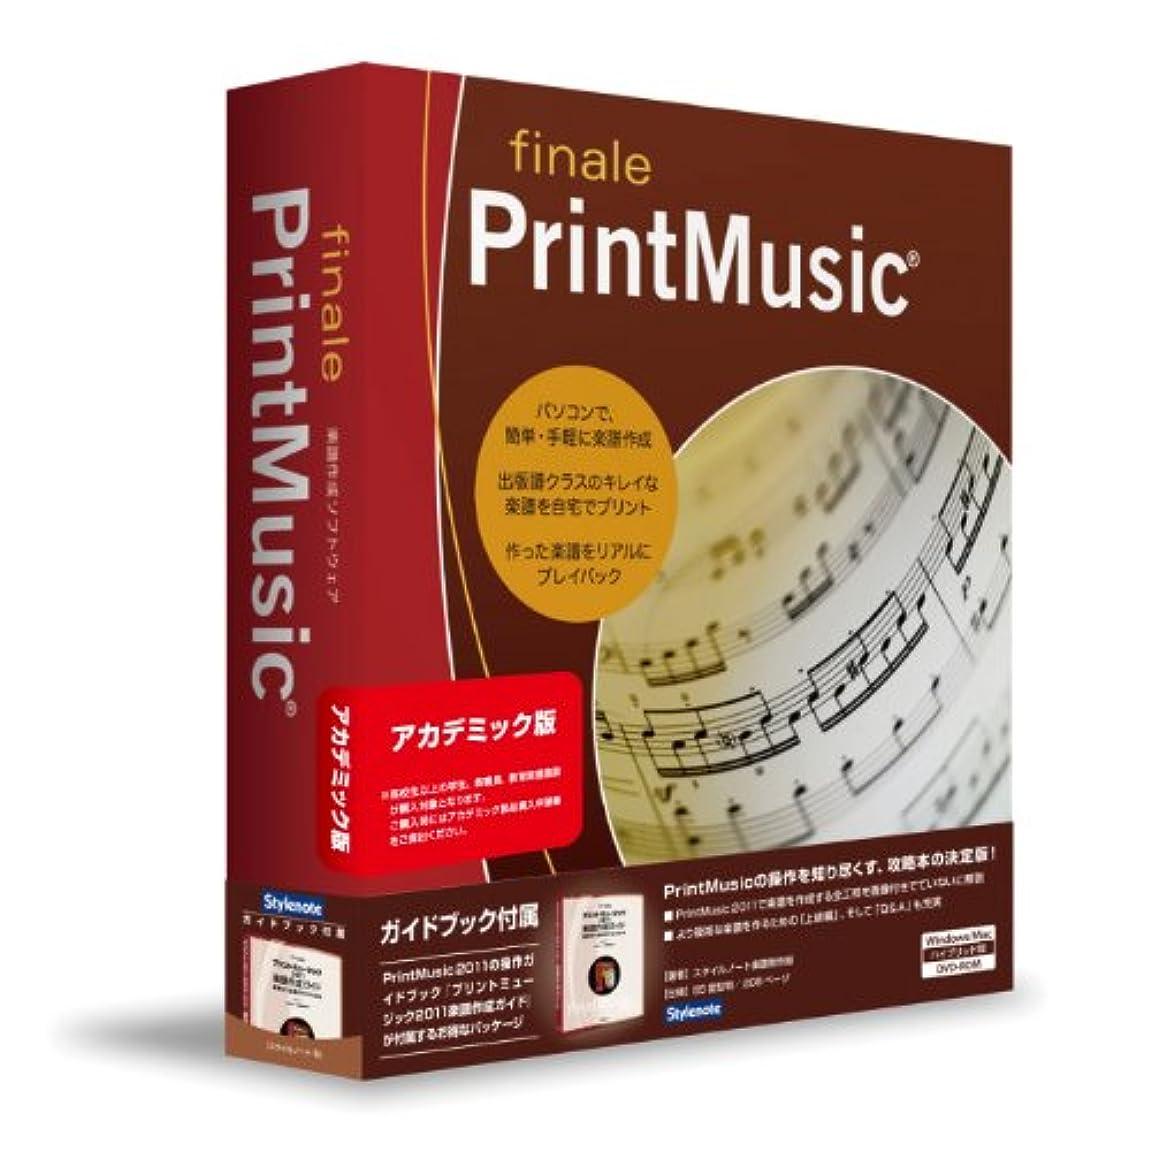 アグネスグレイパース盆地PrintMusic 2011アカデミック ガイドブック付属